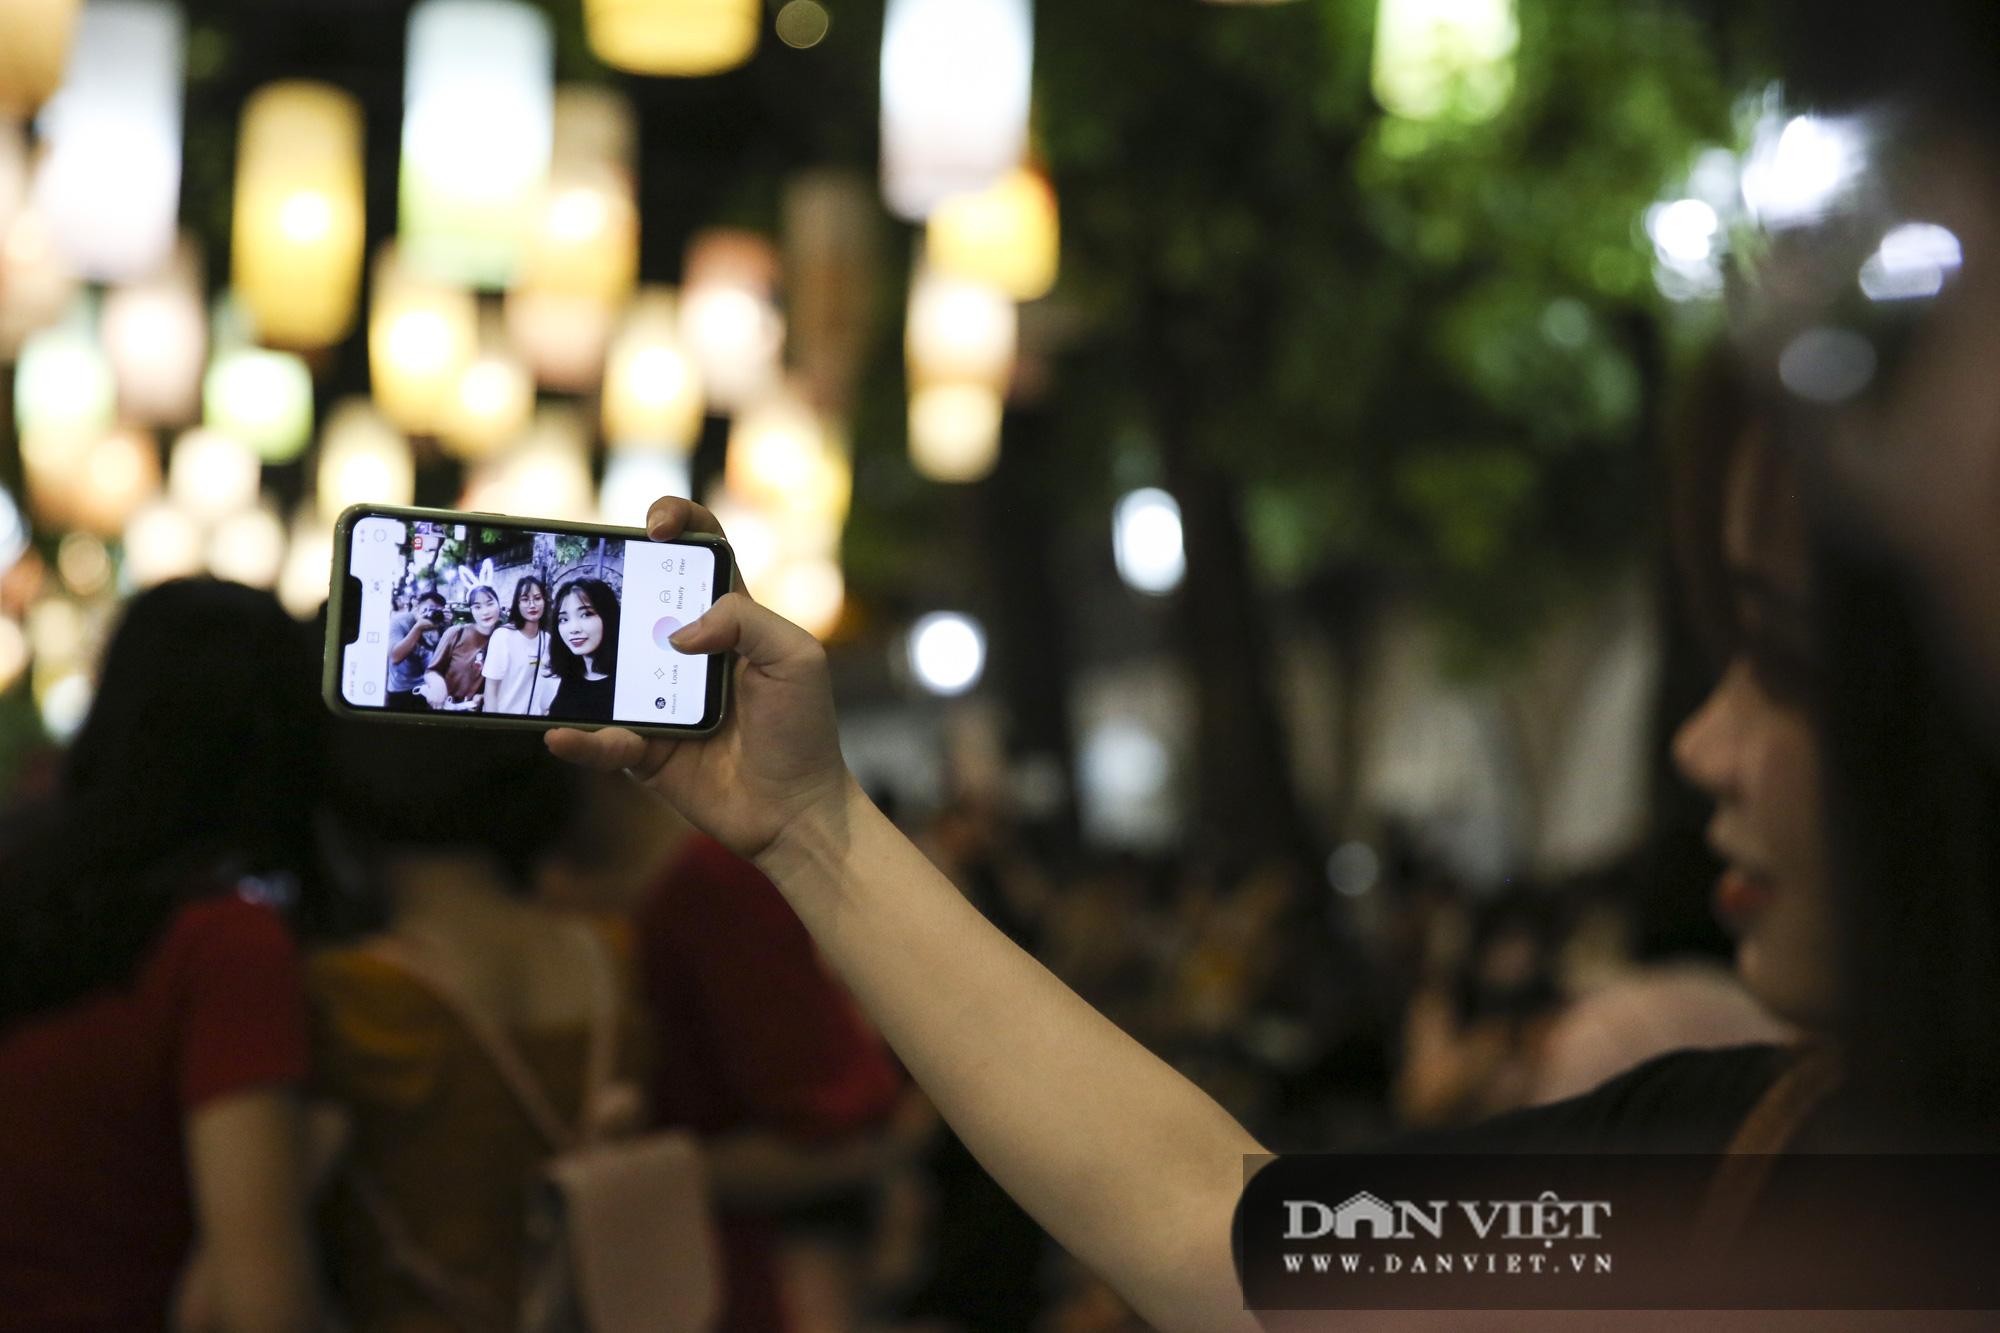 Hàng nghìn người đổ phố bích họa Phùng Hưng thưởng lãm đèn lồng - Ảnh 6.